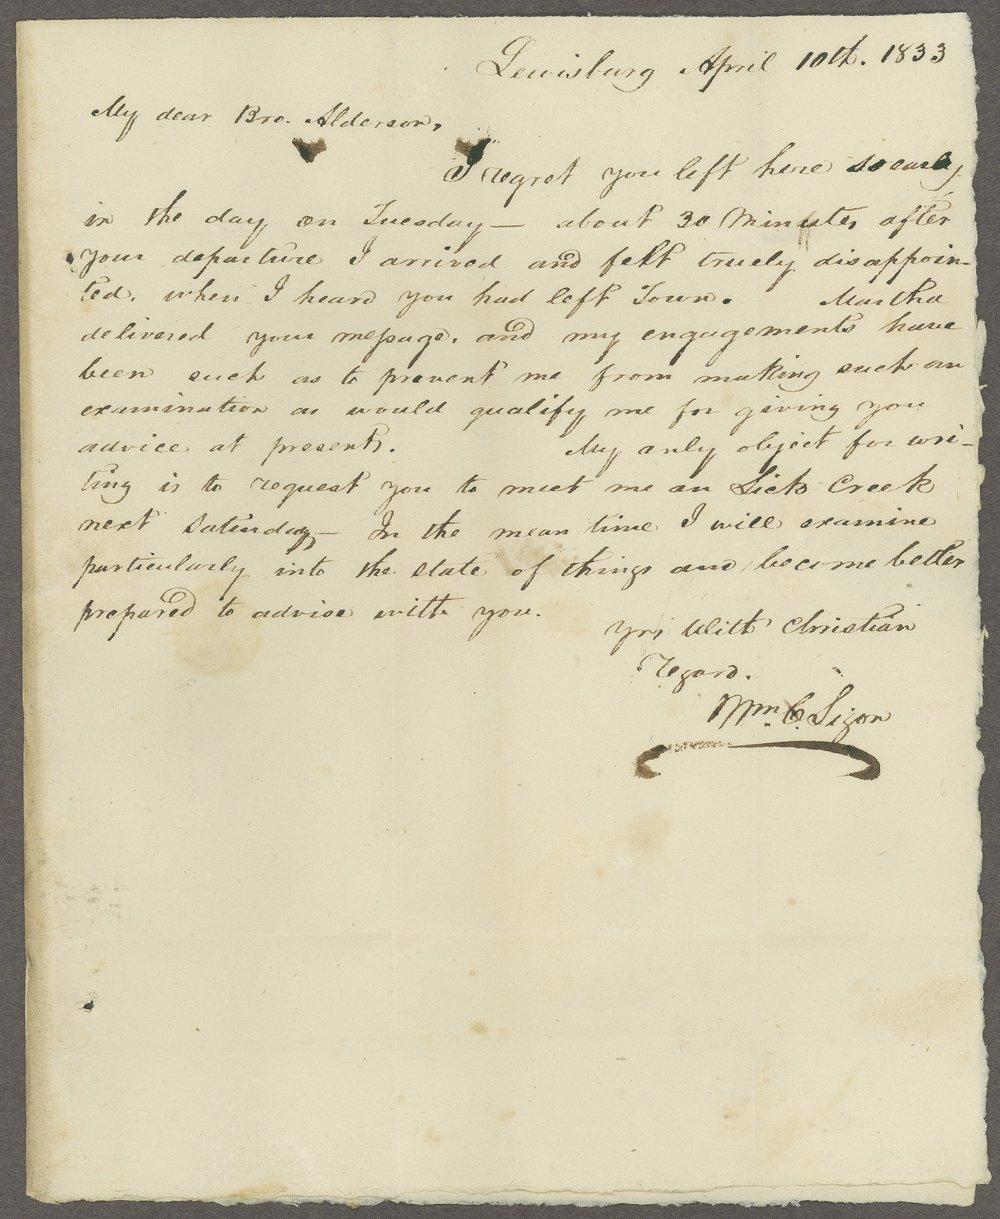 William C. Sigon to Lewis Allen Alderson - 1